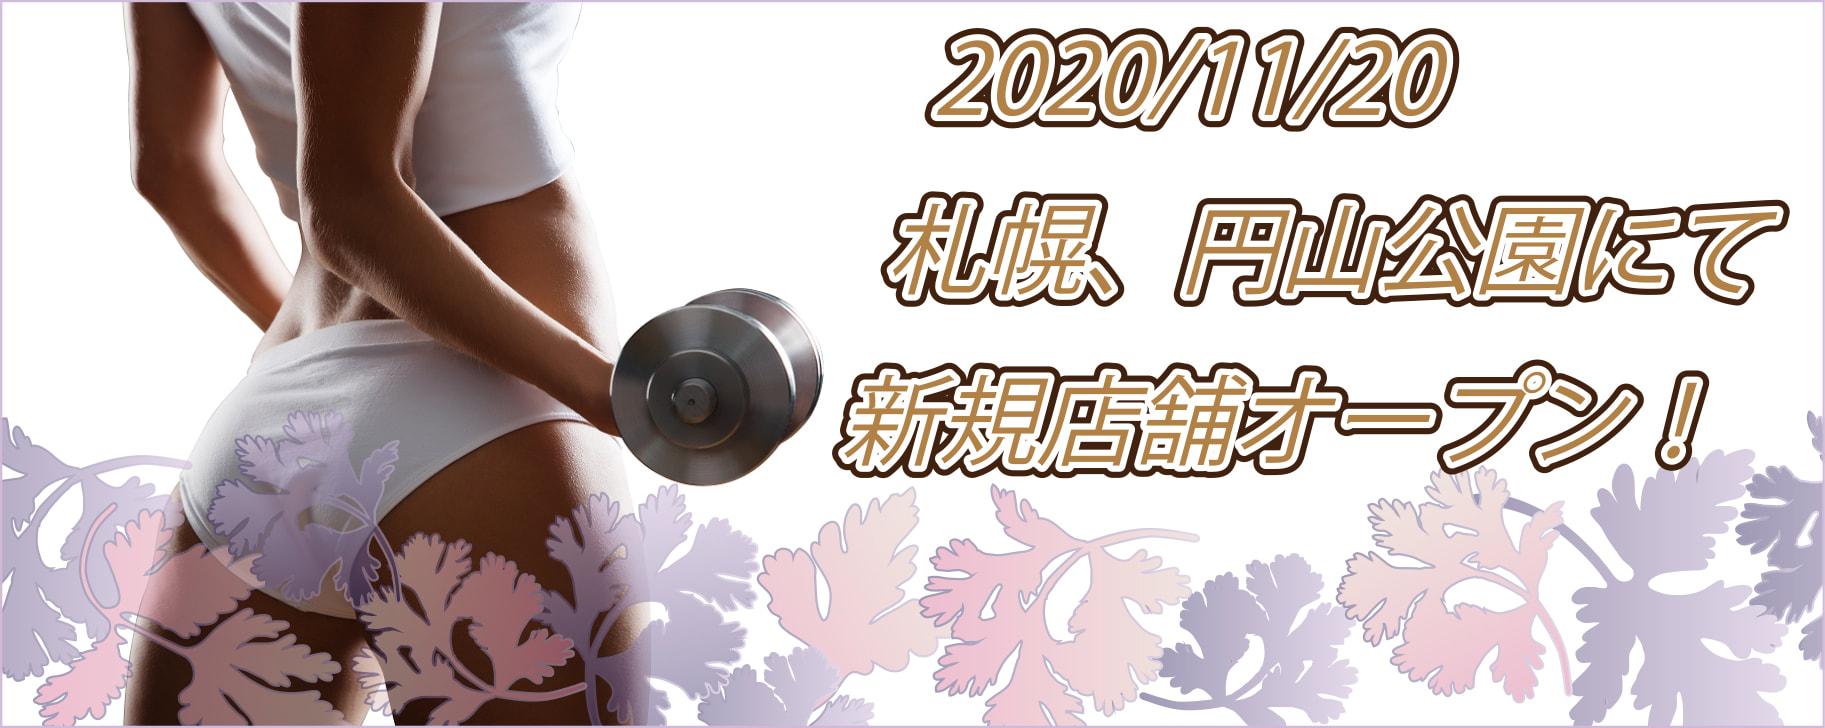 札幌、円山公園店グランドオープン!